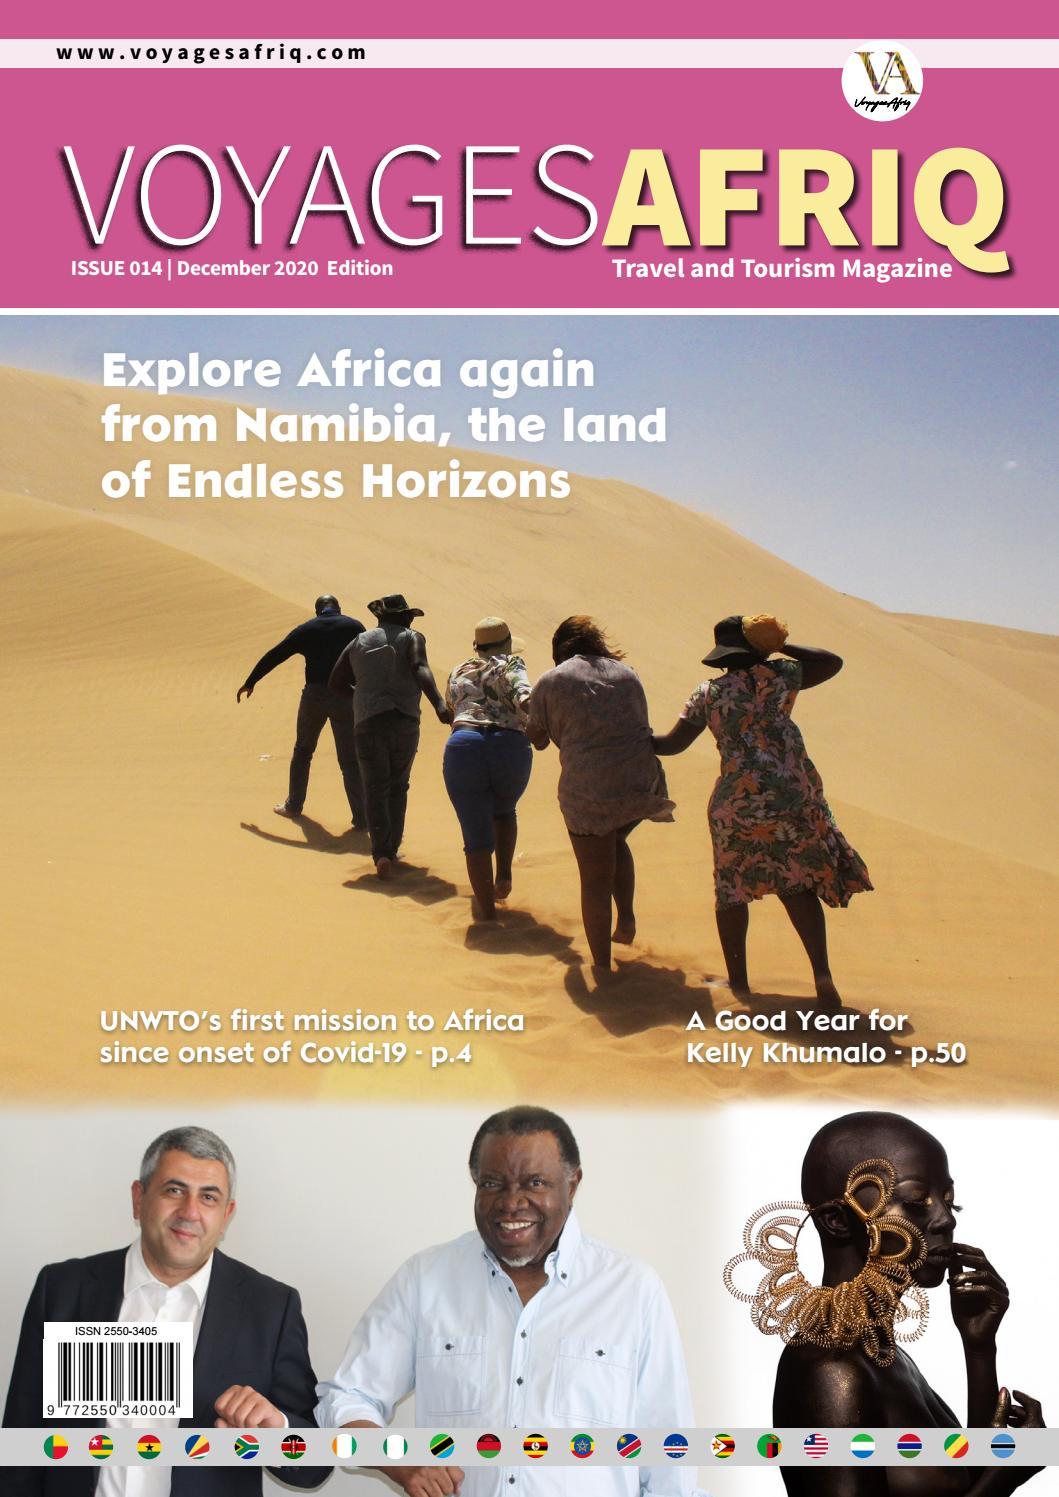 VoyagesAfriq Travel Magazine Dec 20 by voyagesafriq   issuu